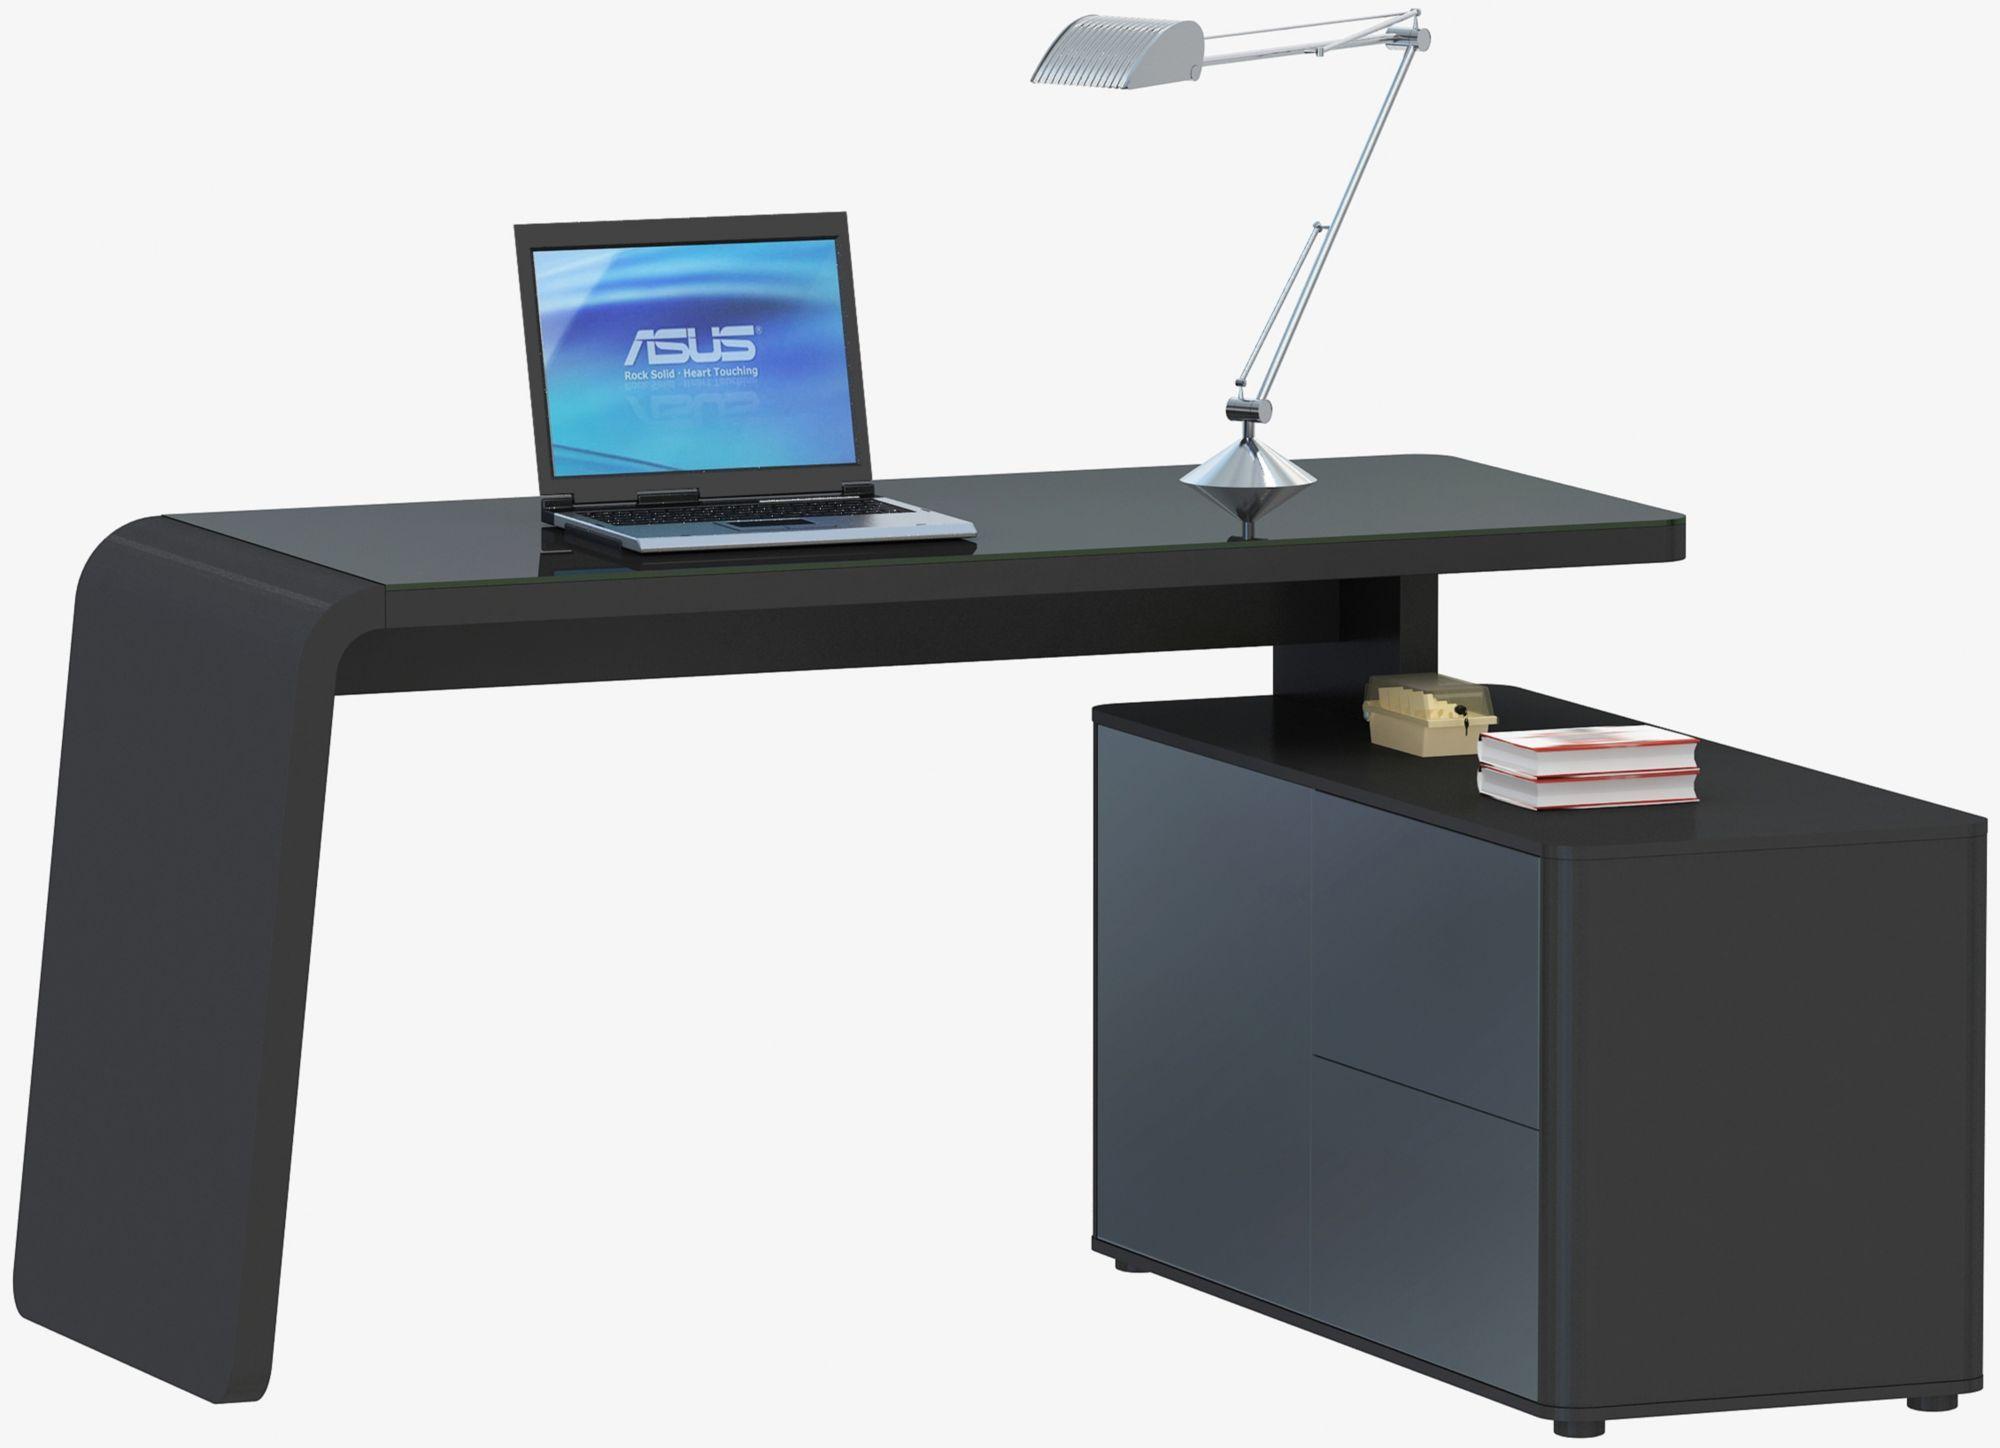 Schreibtisch glasplatte g nstig kaufen for Schreibtisch jahnke